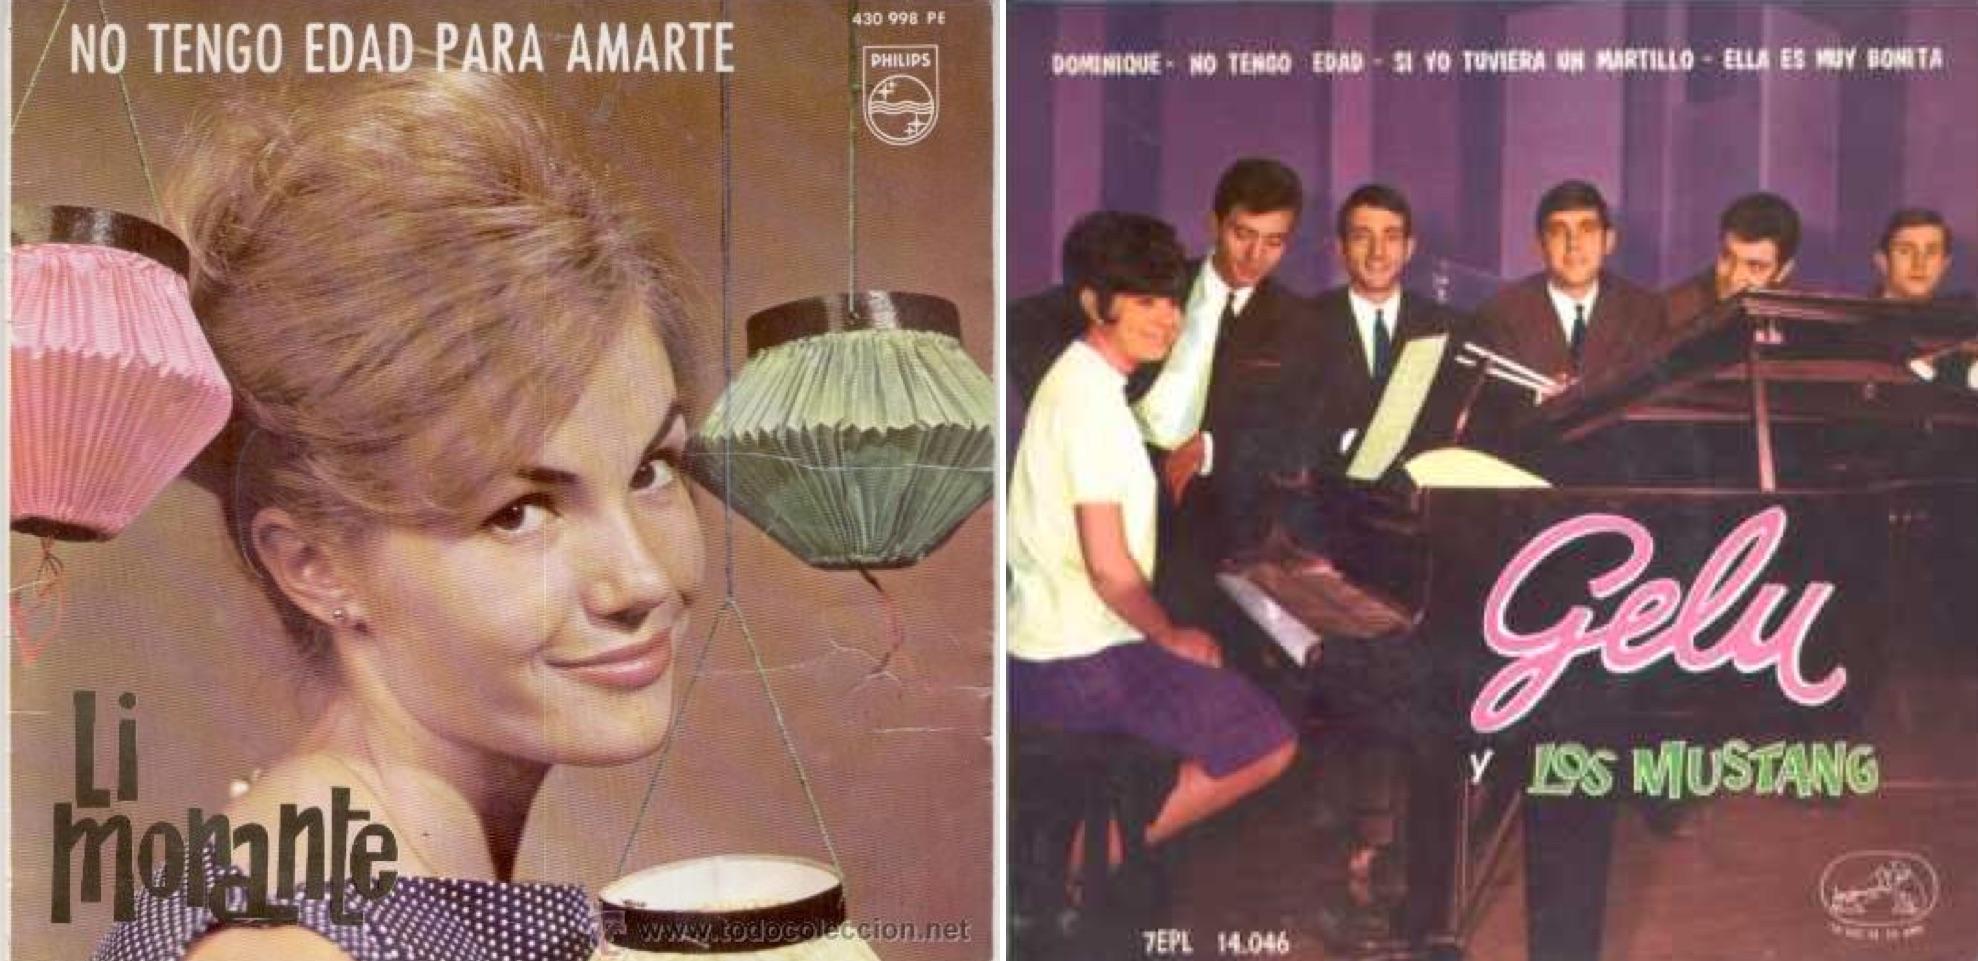 """Discos de Li Morante y Gelu, en los que aparece """"No tengo edad""""."""